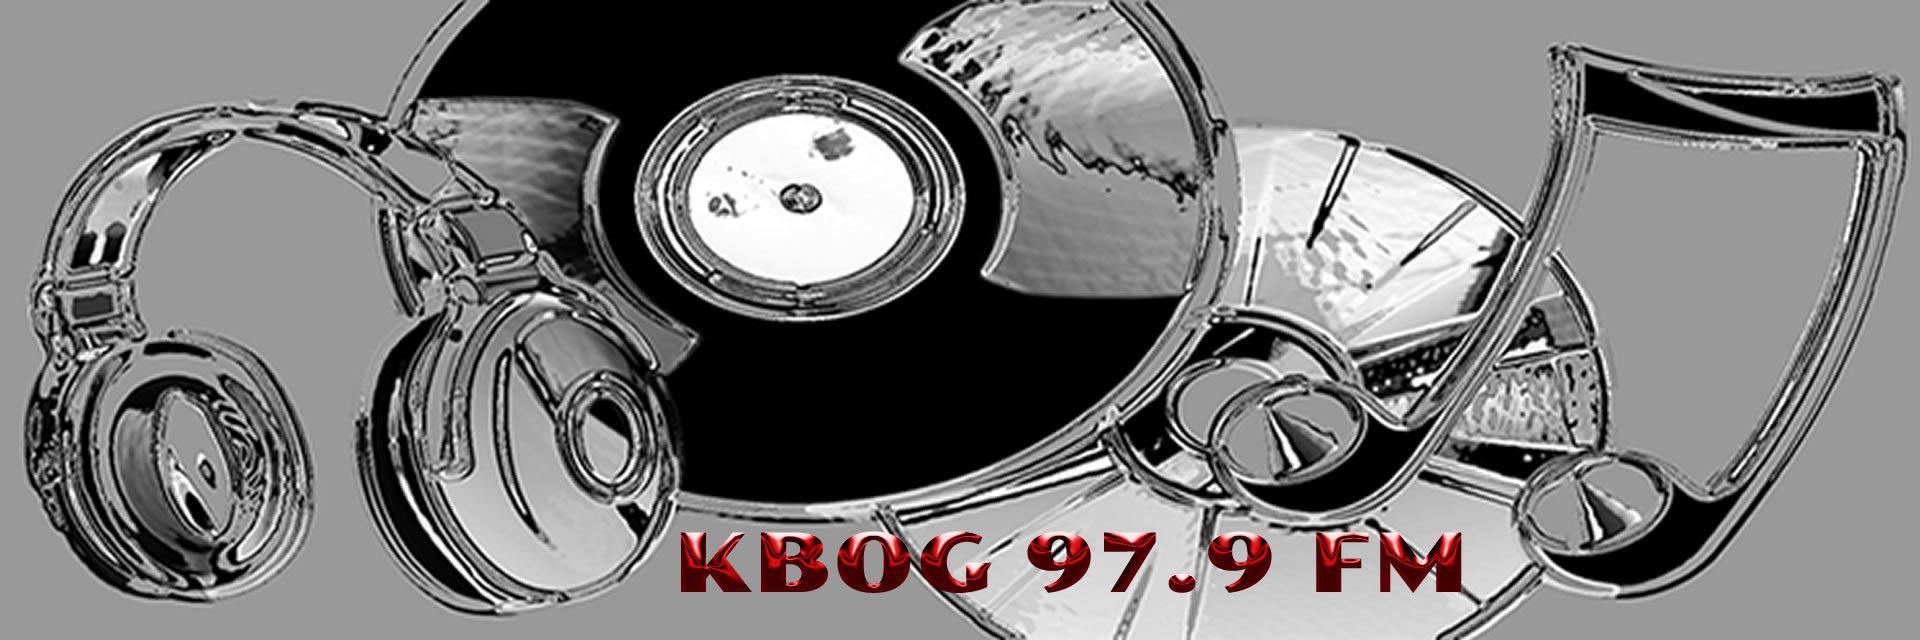 KBOG 97.9 FM